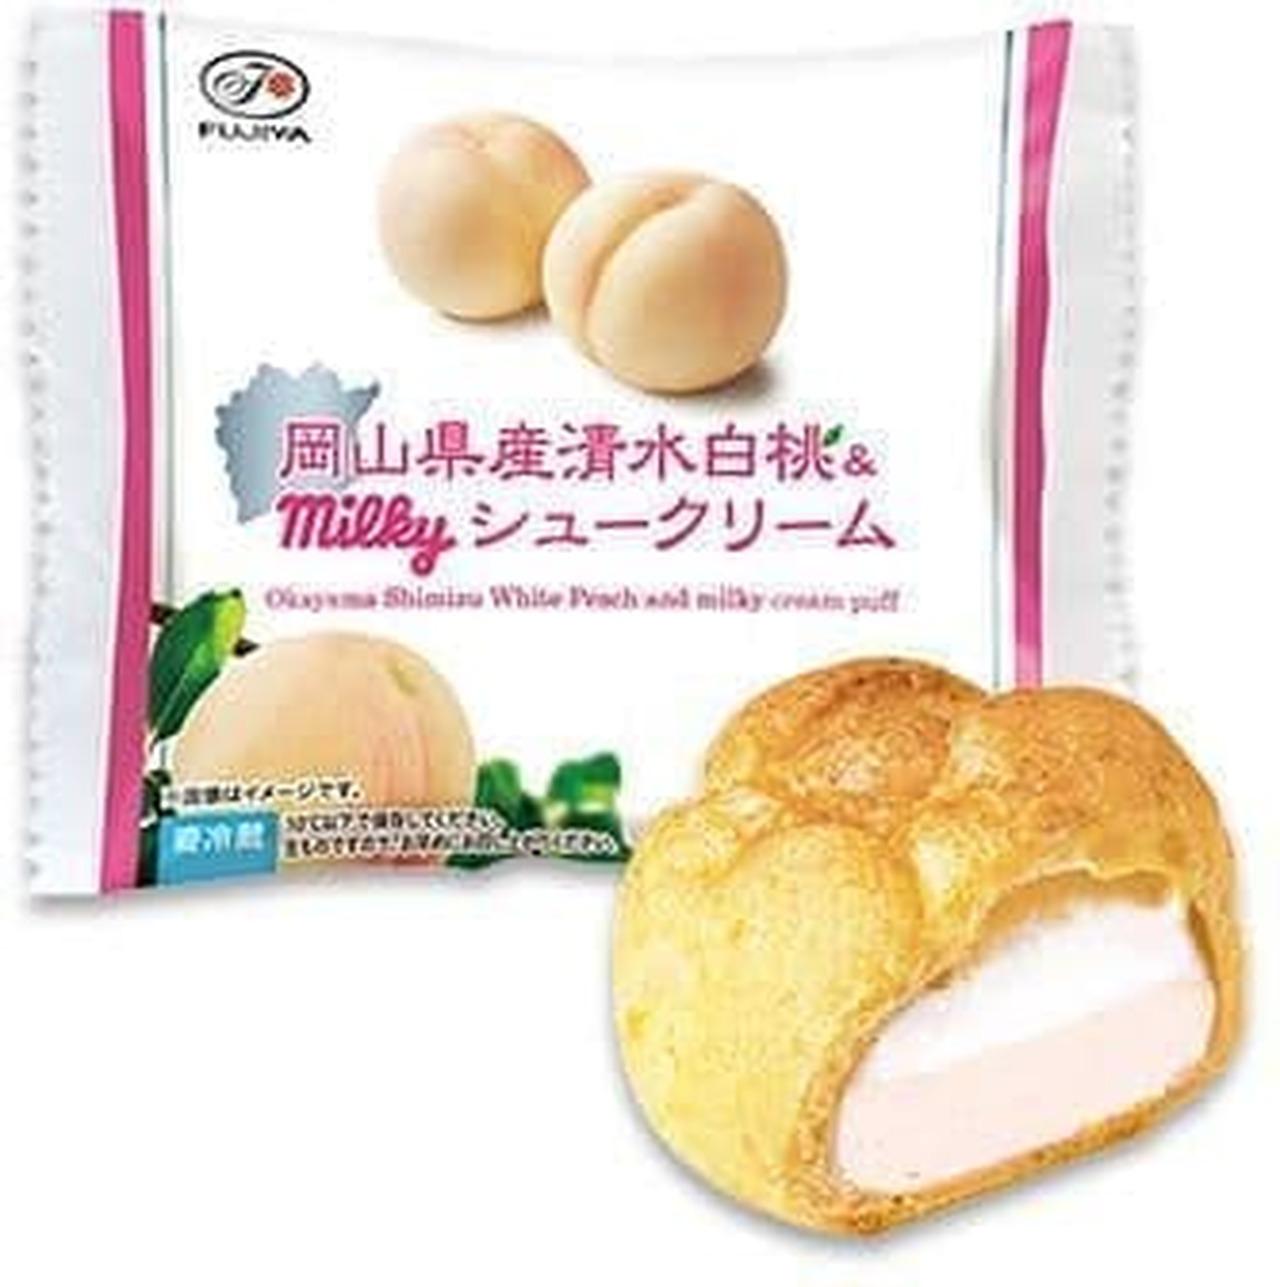 不二家洋菓子店「岡山県産清水白桃&ミルキーシュークリーム」